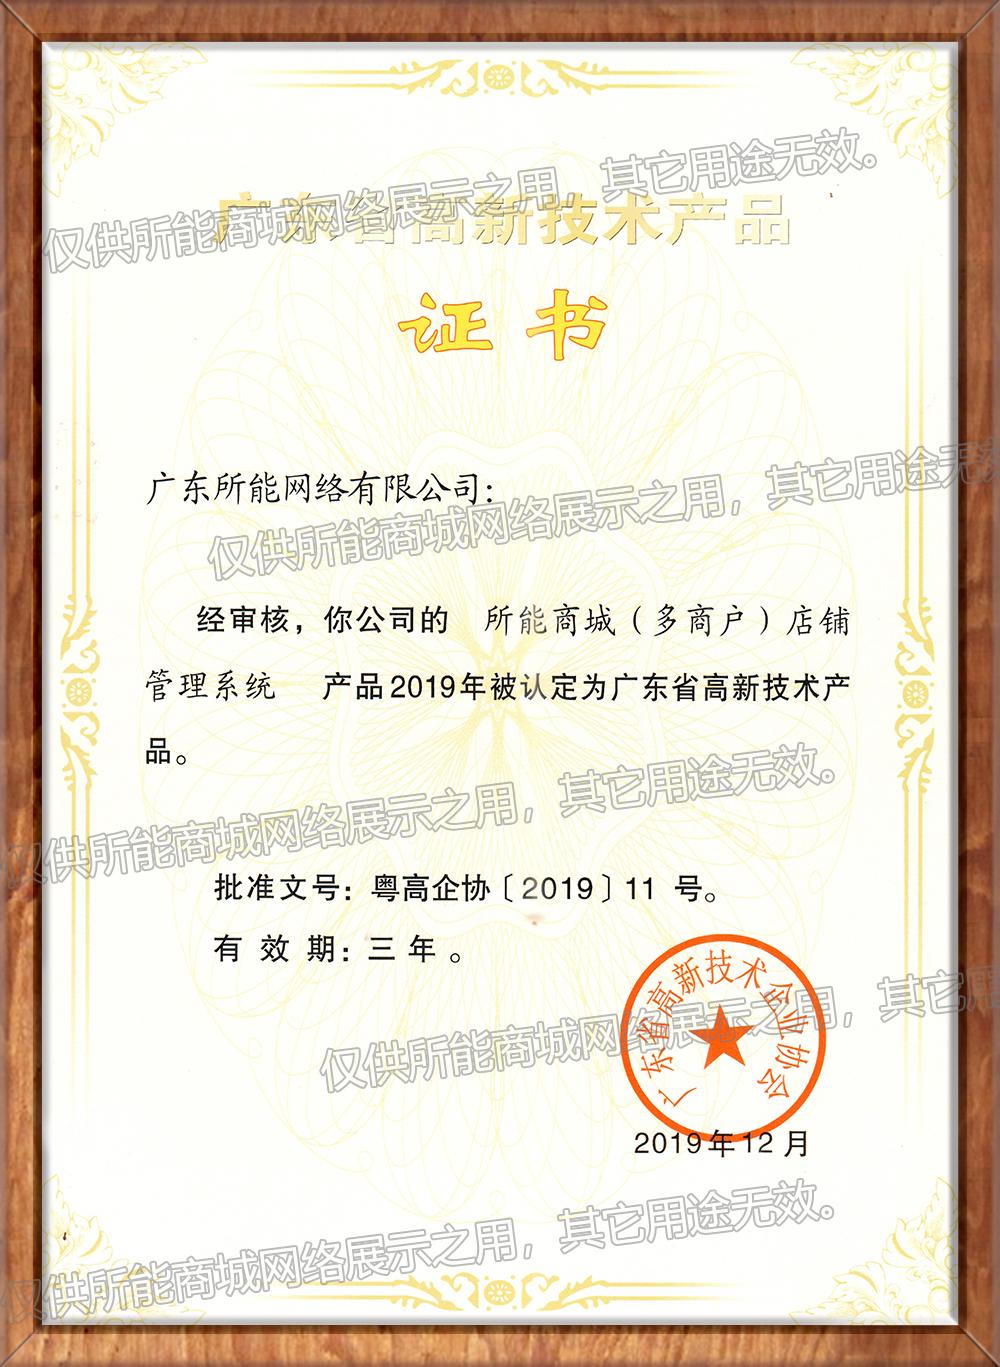 广东省高新技术产品-所能商城(多商户)店铺管理系统